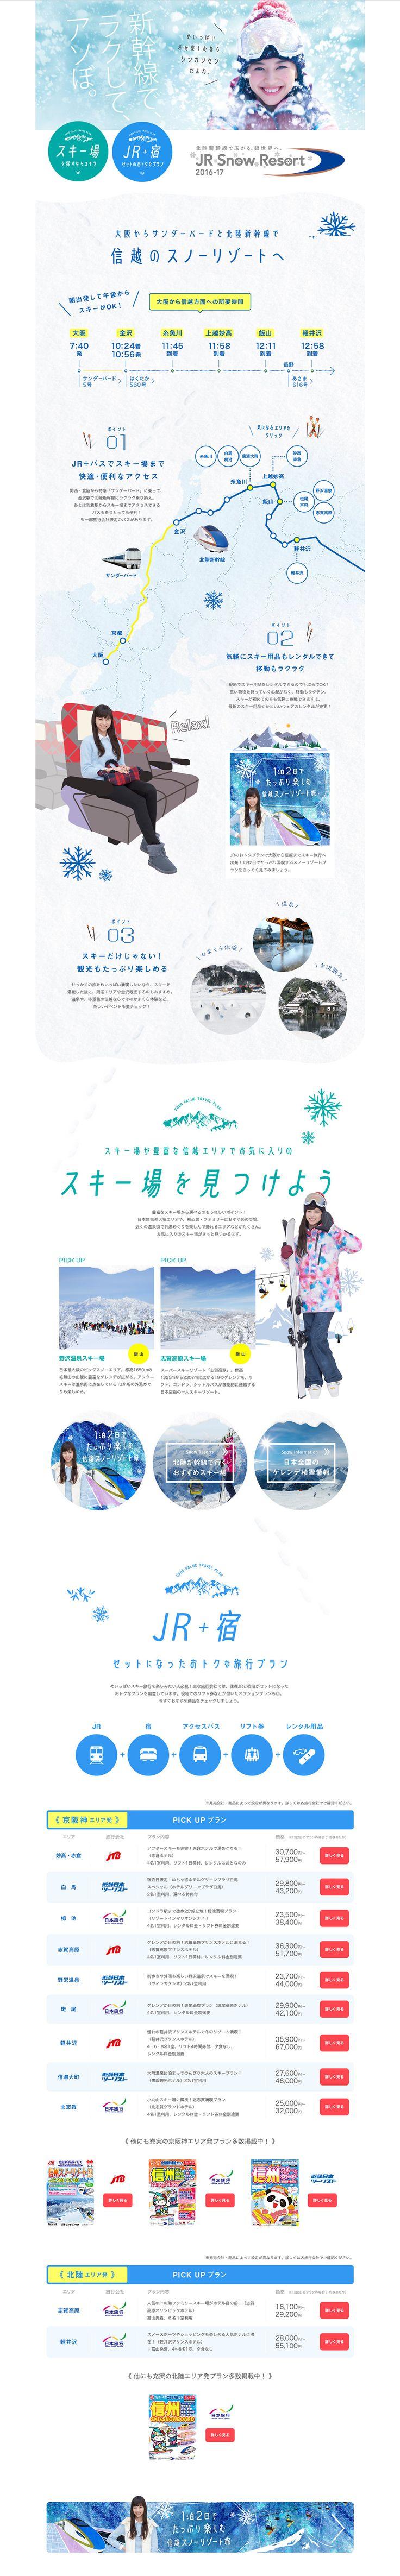 JRスノーリゾート2016-17 WINTER